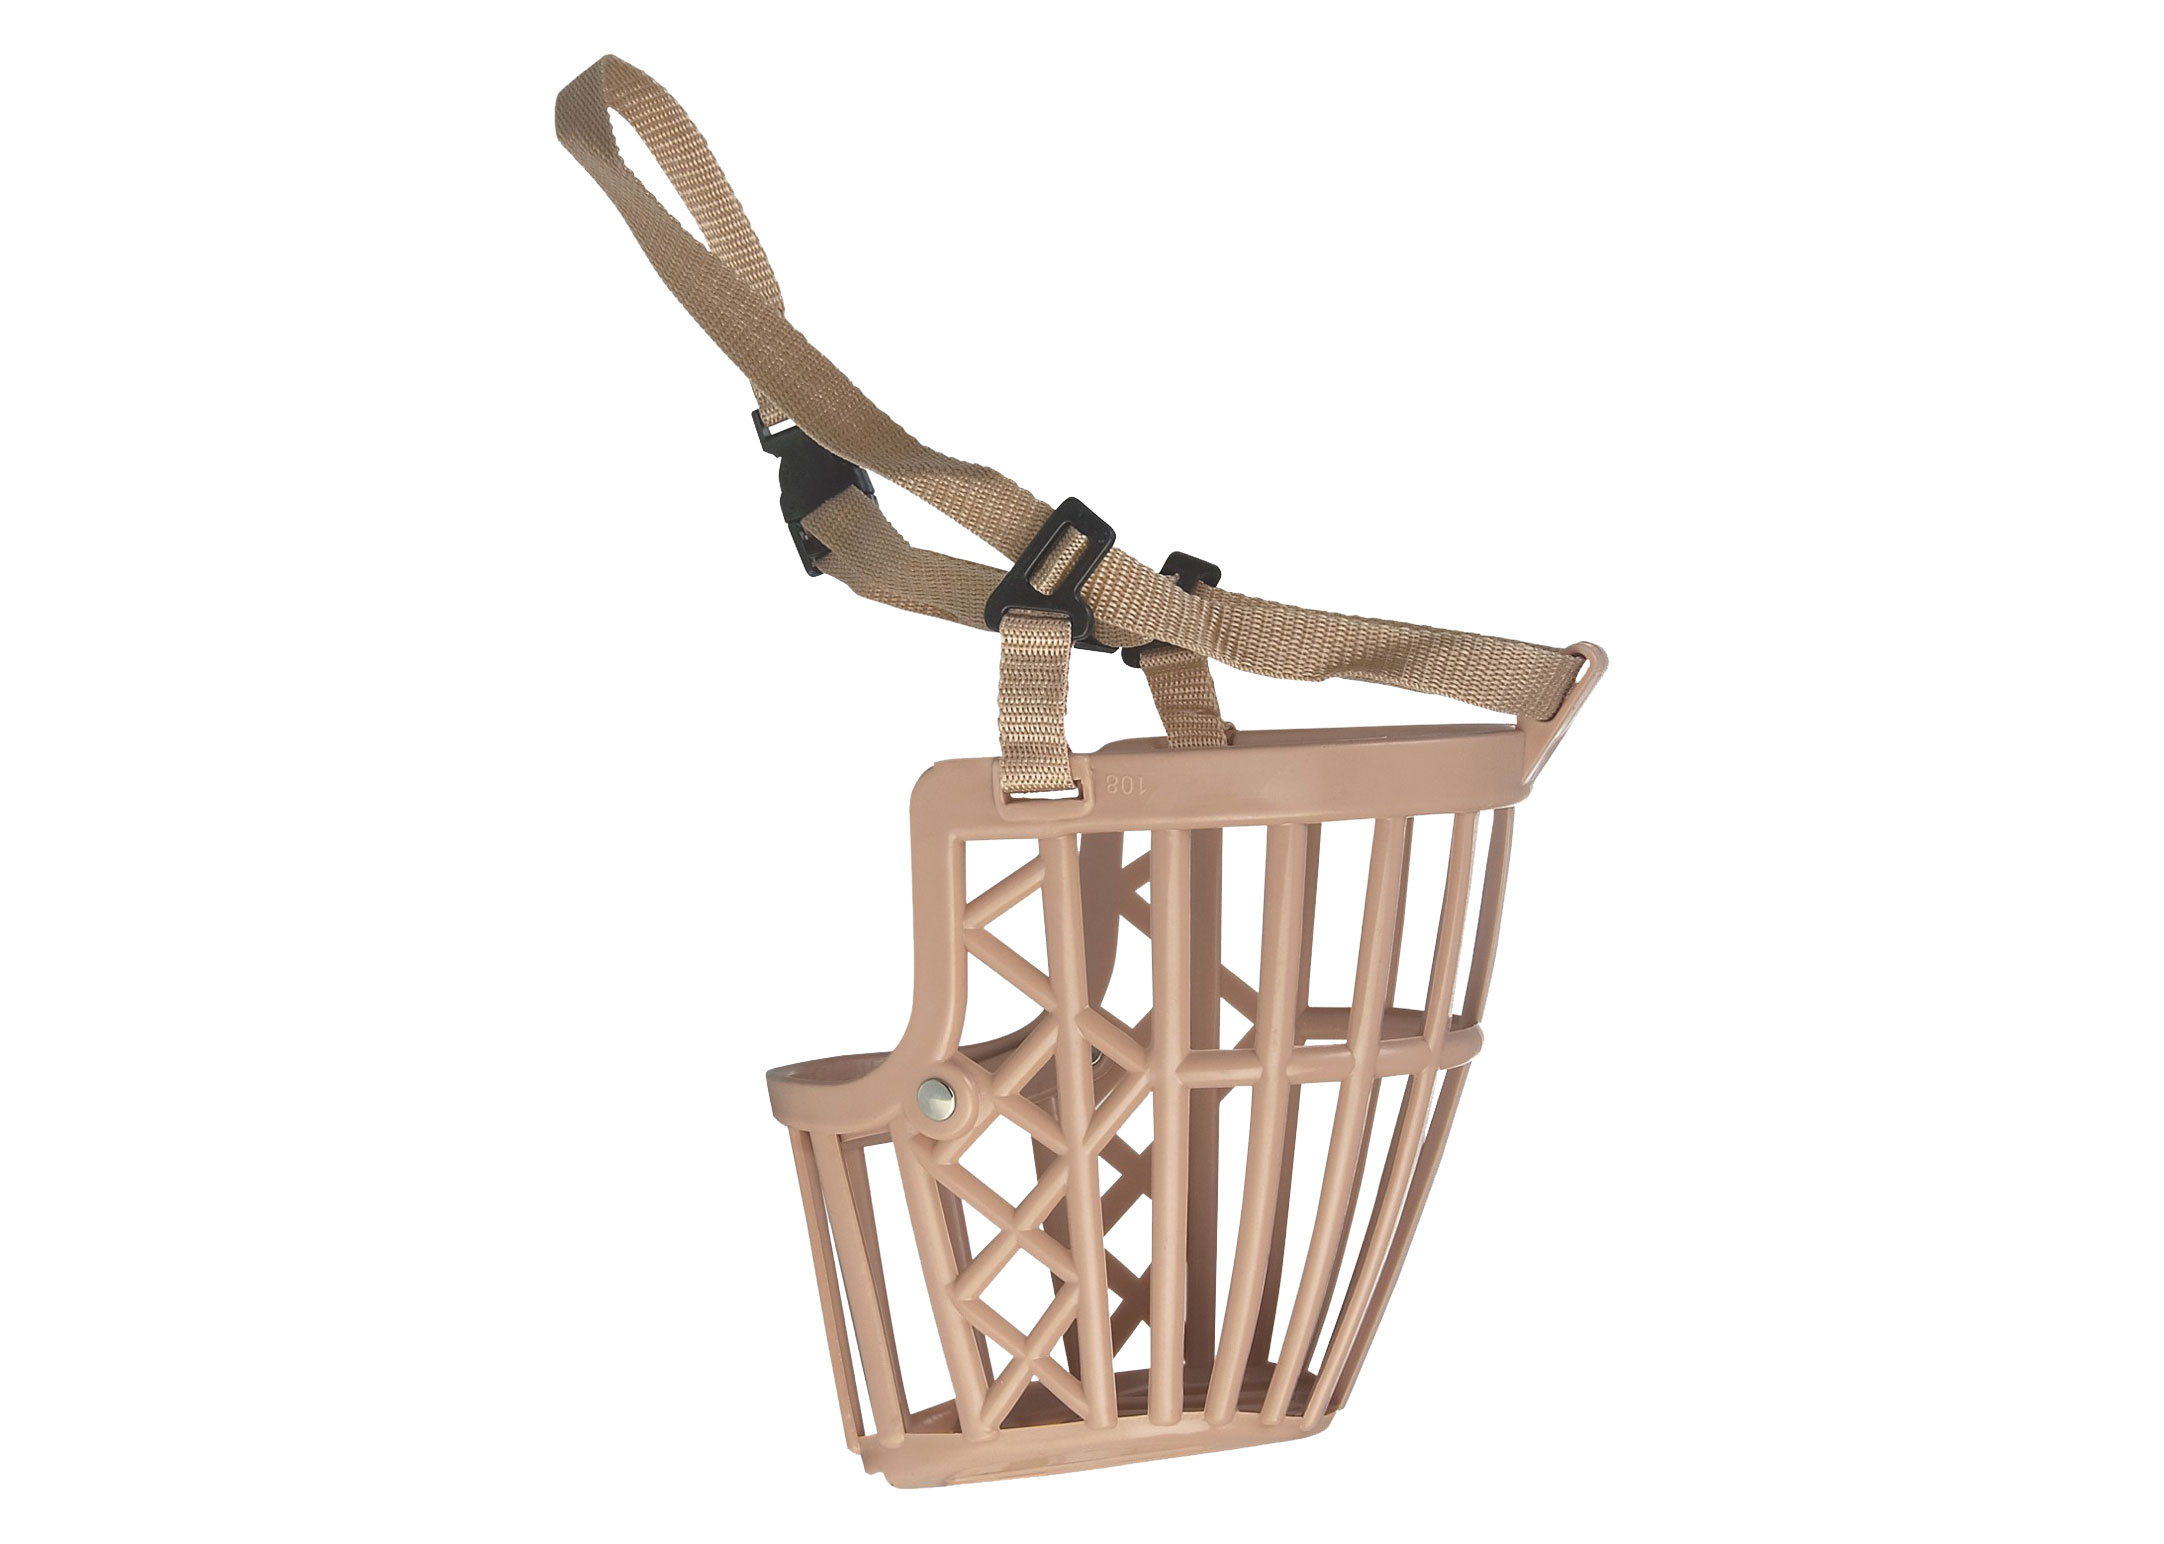 Show Tech Muzzle Basket - Muzzle For Dogs